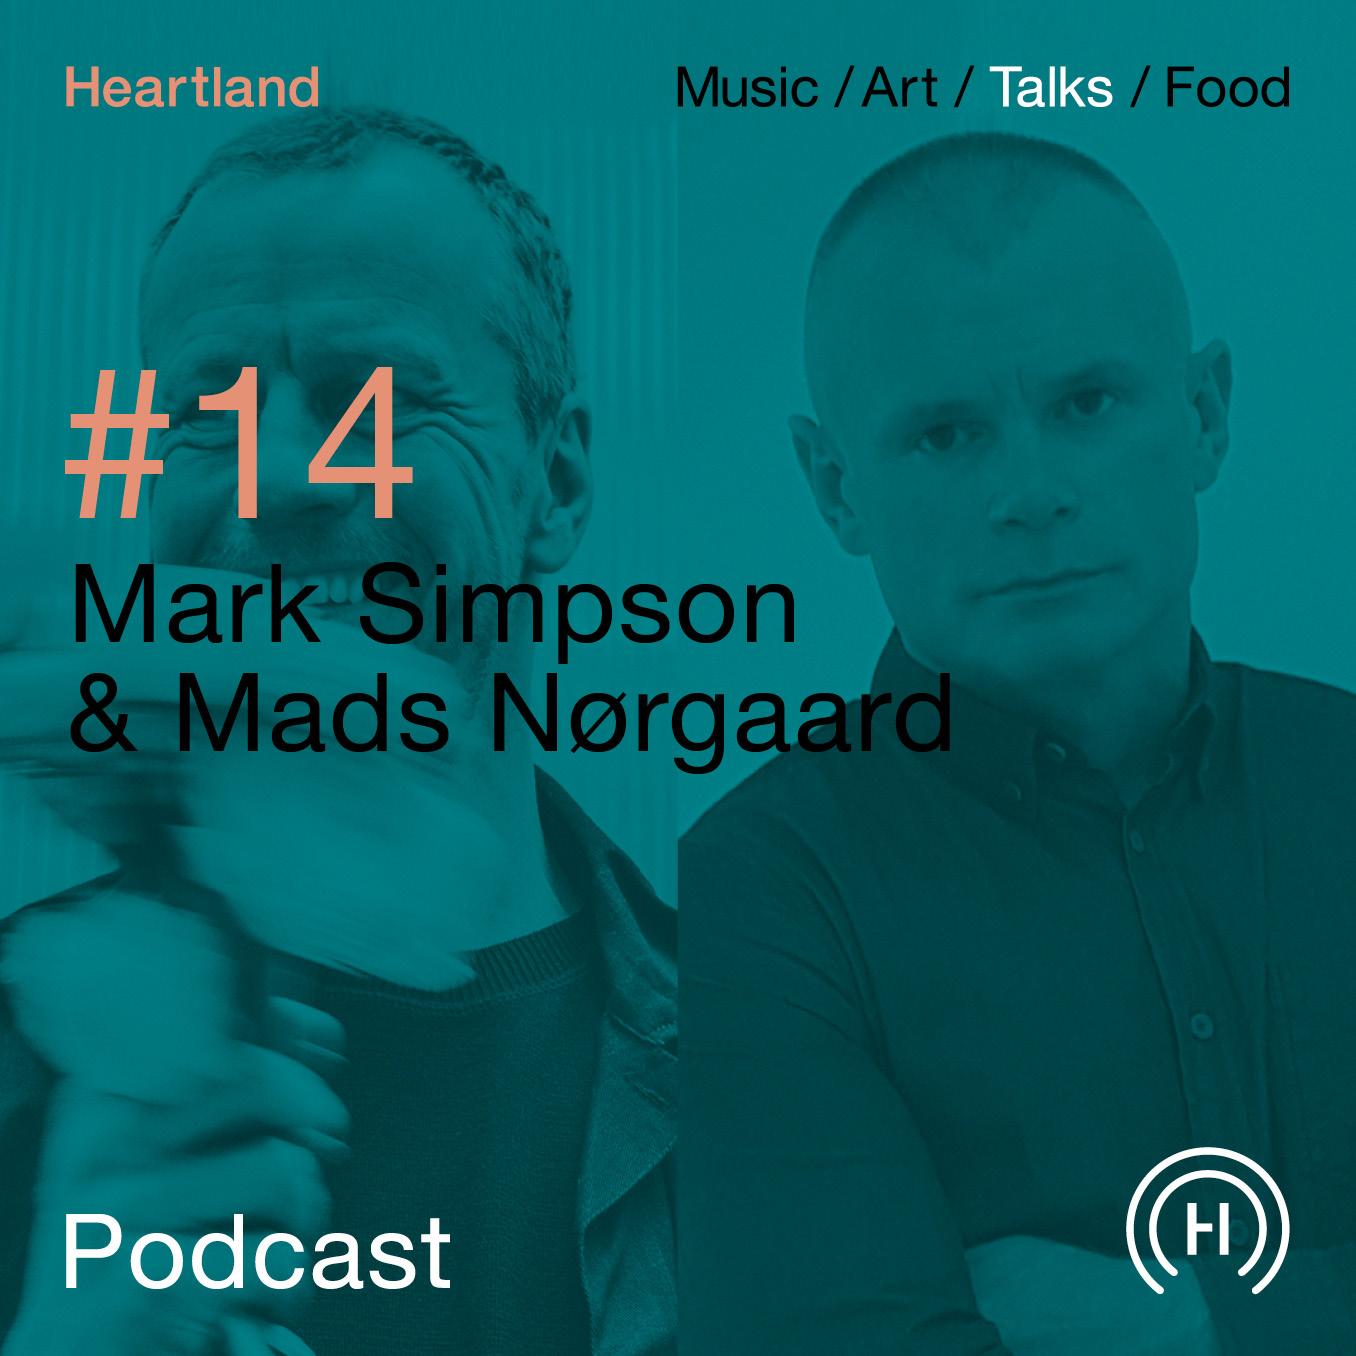 Heartland_Podcast_14.jpg